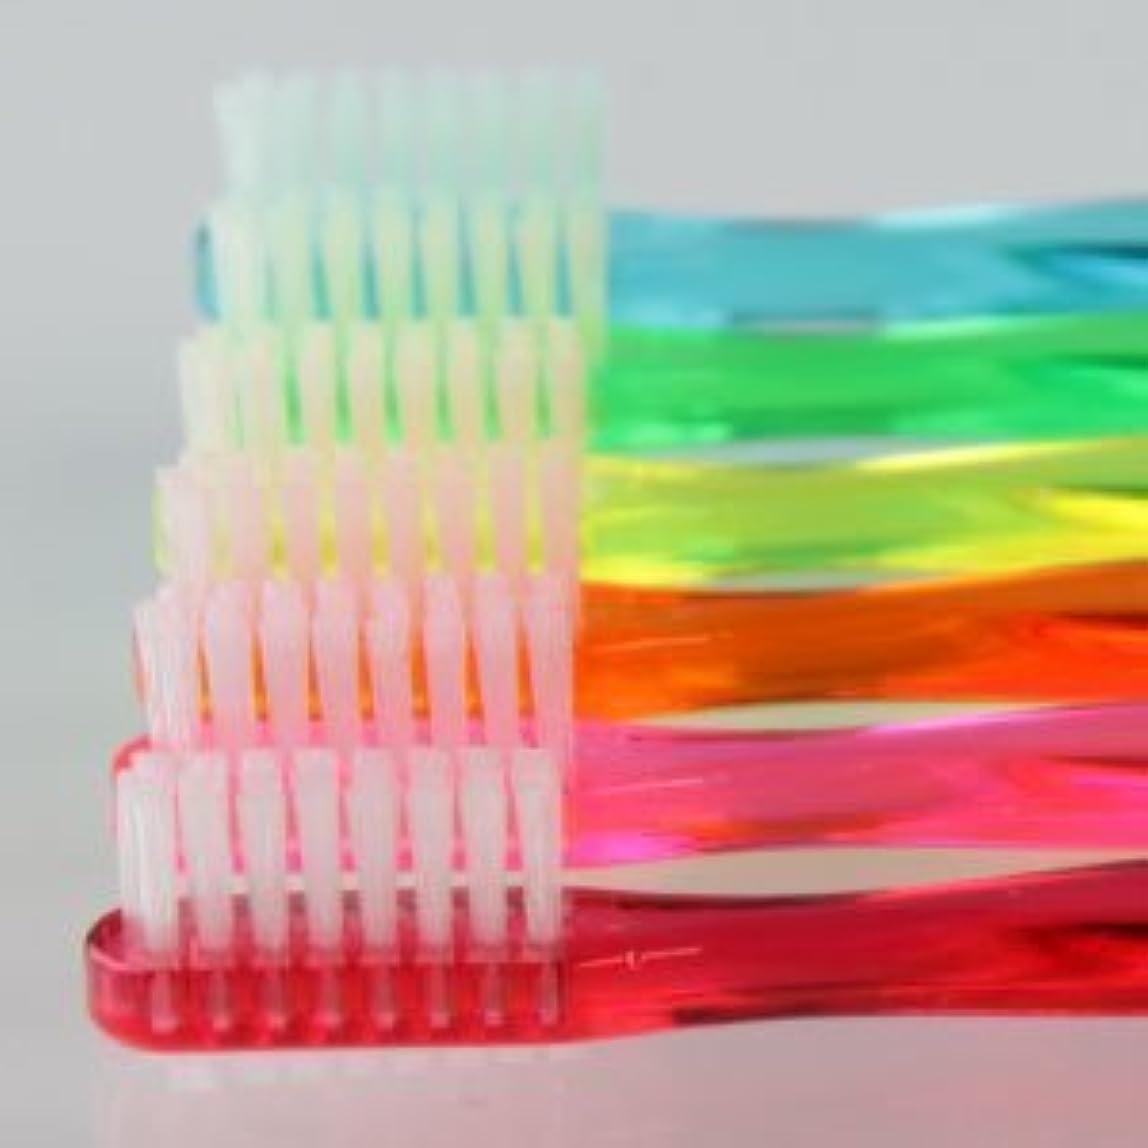 酒ダブル終わらせるサムフレンド 歯ブラシ #11(乳歯?永久歯の混合歯列期向け) 6本 ※お色は当店お任せです